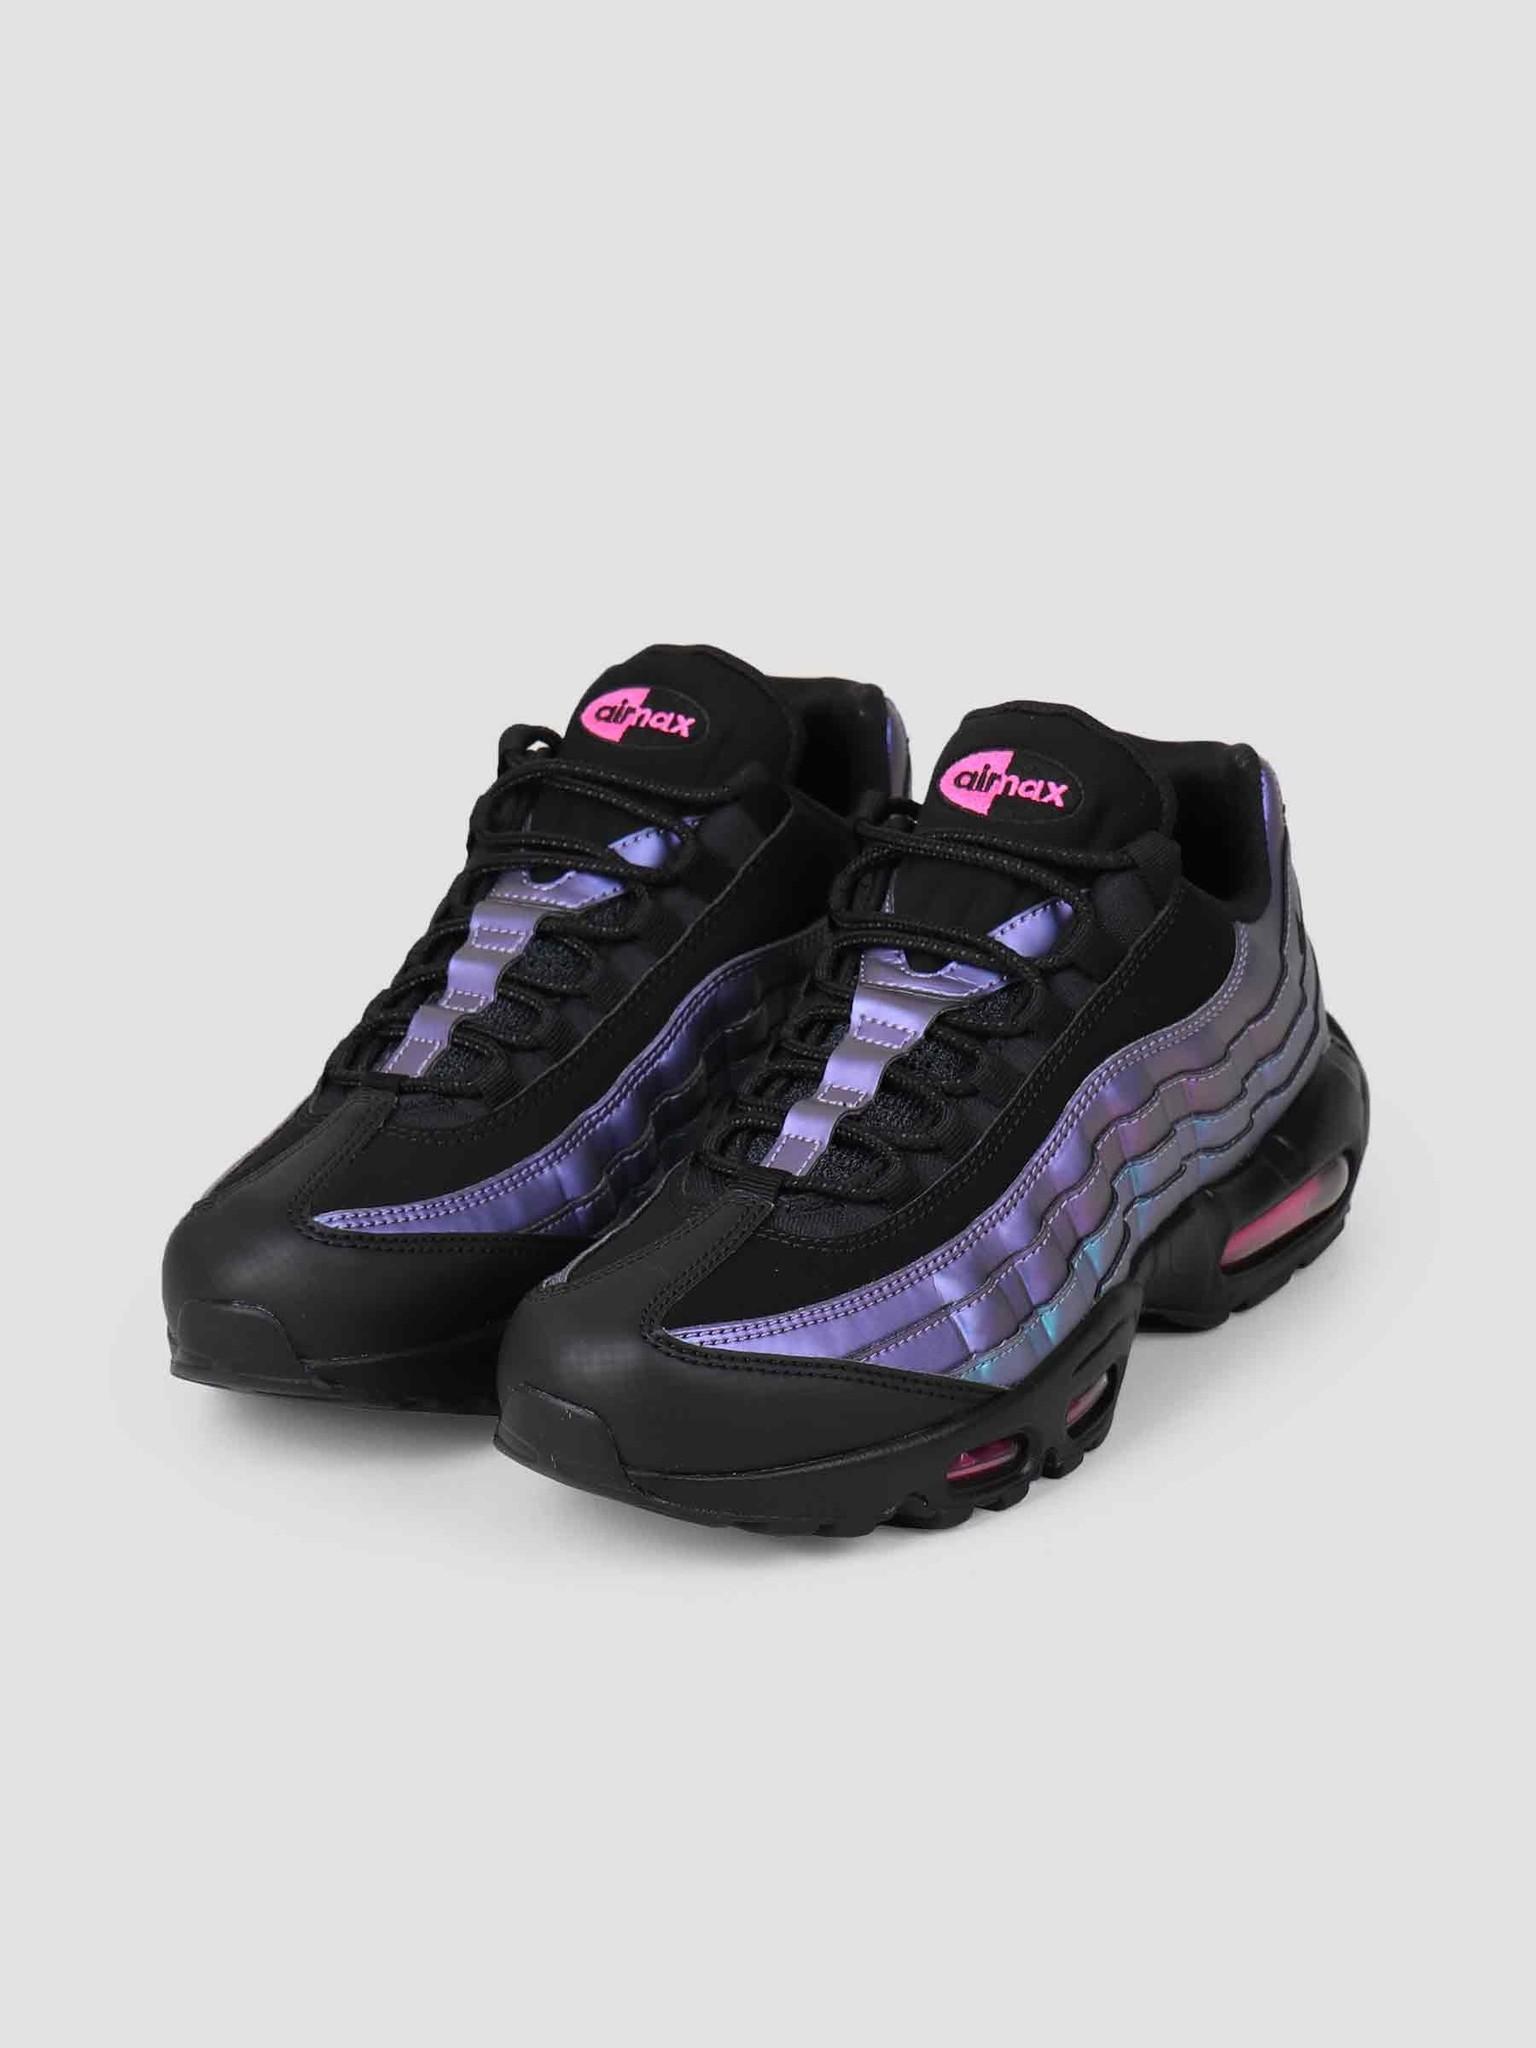 Nike Nike Air Max 95 Premium Black Laser 538416-021